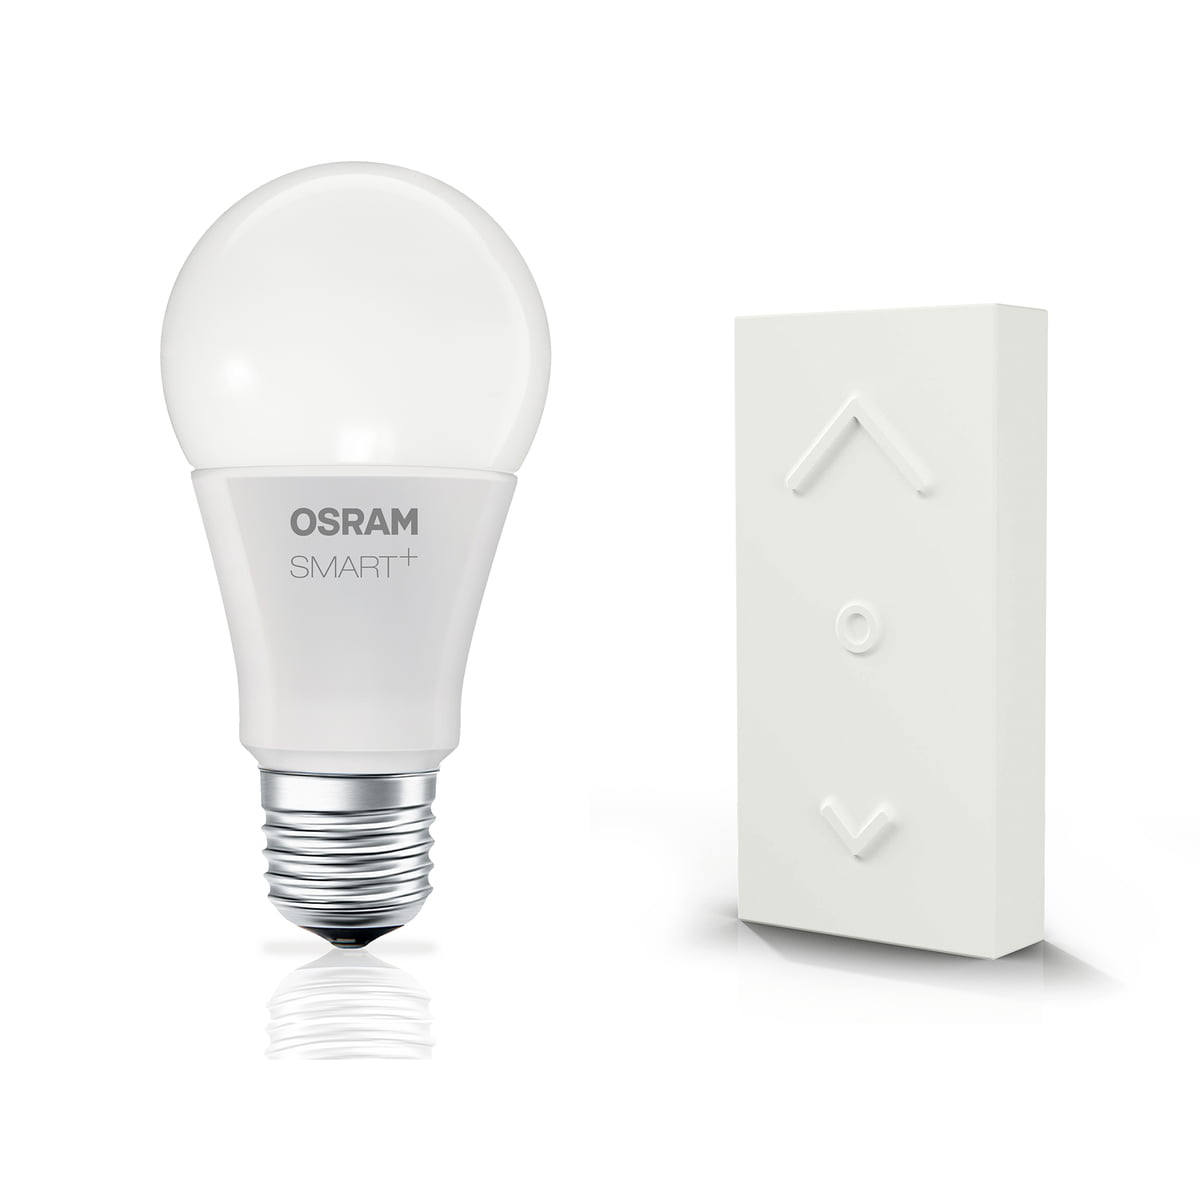 Smart kit by osram connox for Connox com